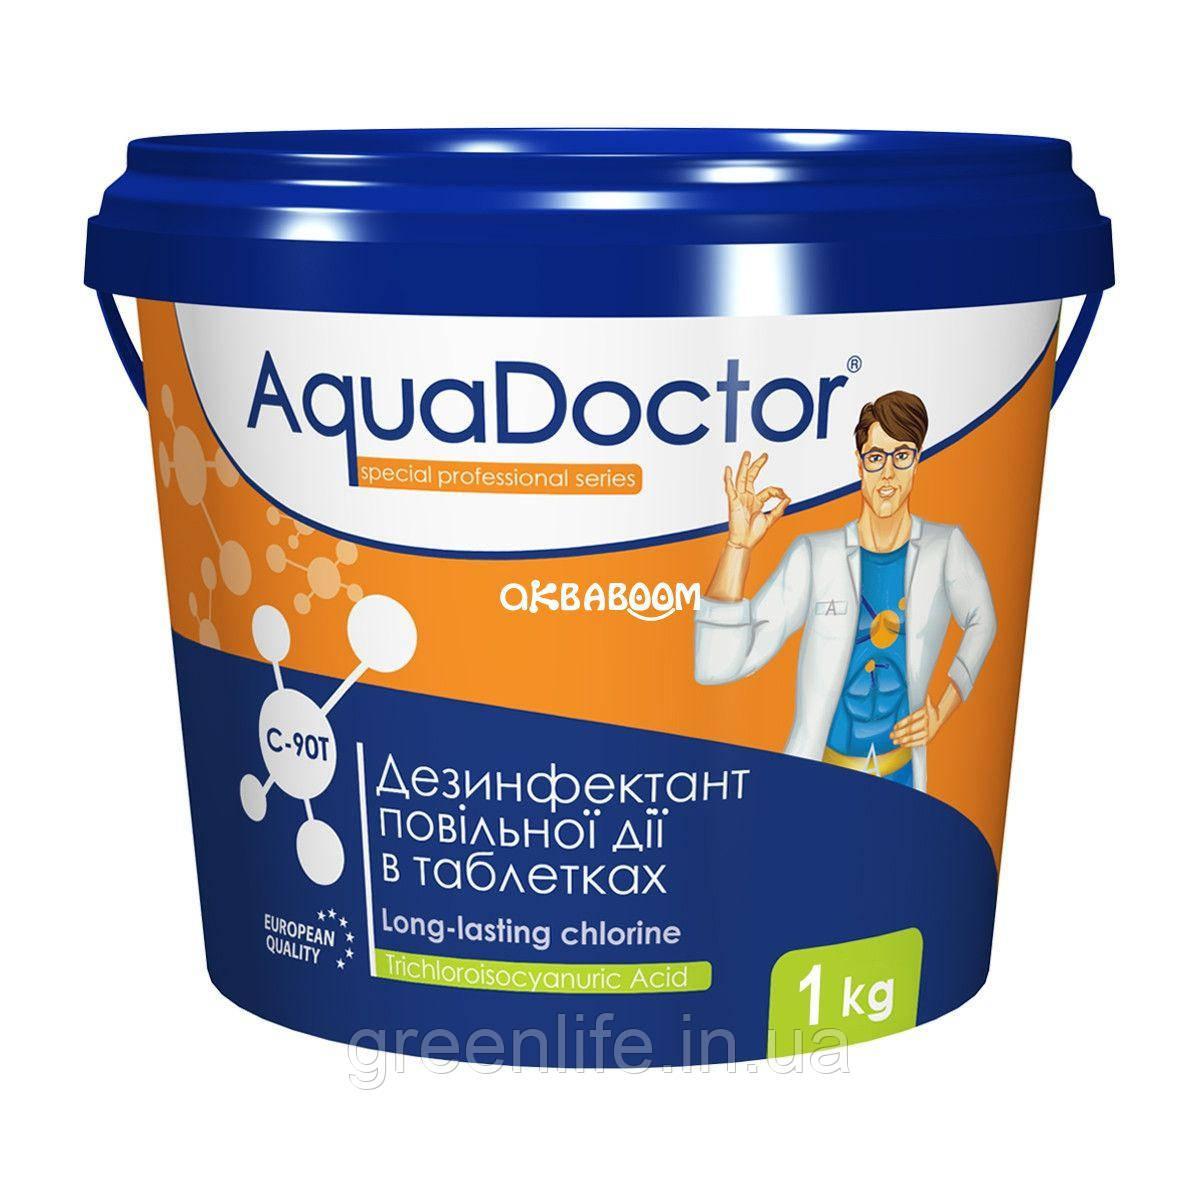 Длительный хлор в таблетках Aquadoctor C90T (1 кг), Аквадоктор, в таблетках, 1 кг